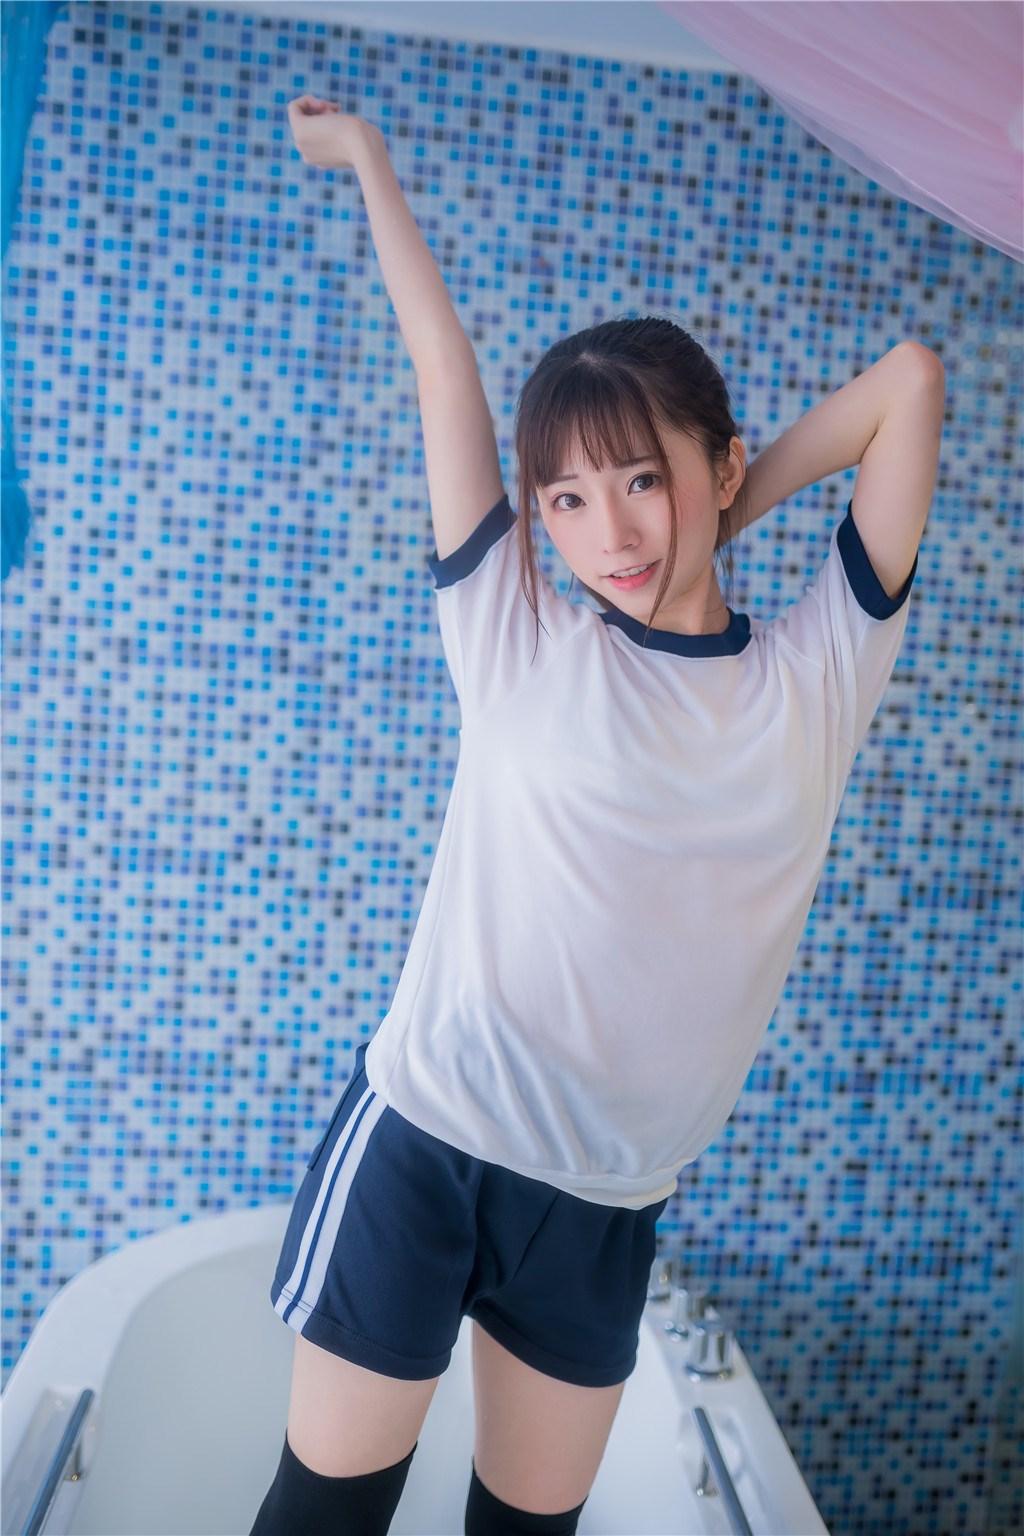 【兔玩映画】vol.20-湿身体操服 兔玩映画 第42张